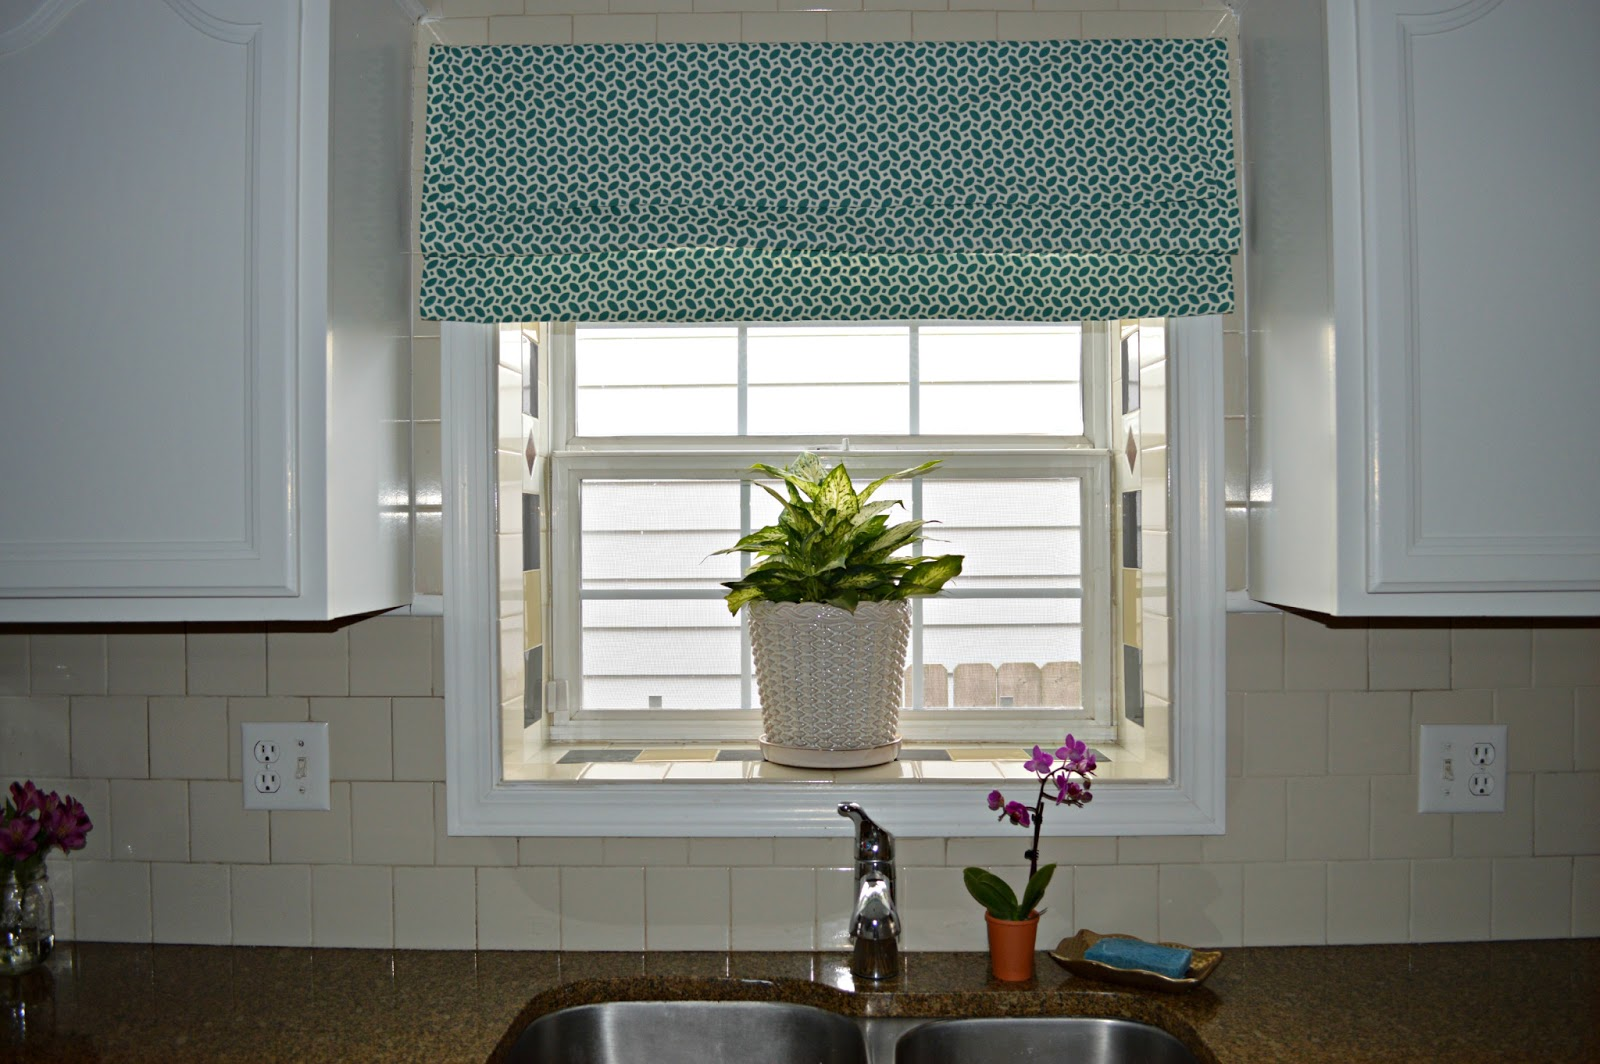 Diy Window Treatments 2017 Grasscloth Wallpaper